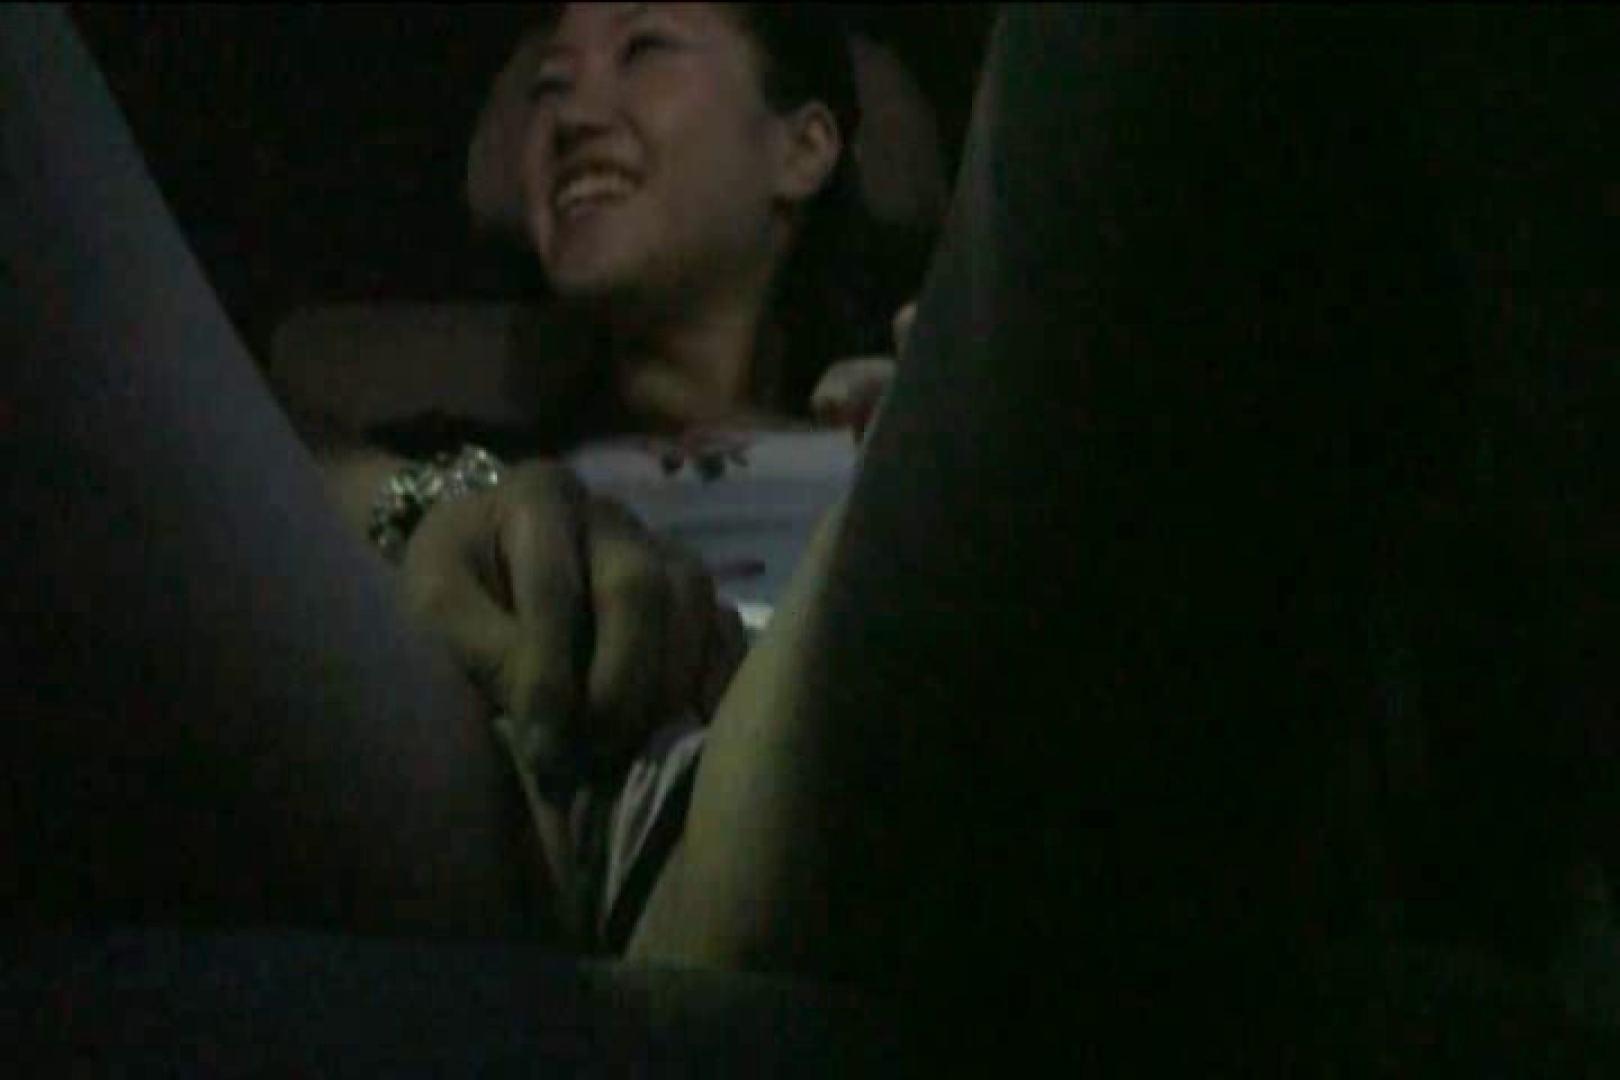 車内で初めまして! vol01 ハプニング   盗撮  68pic 39